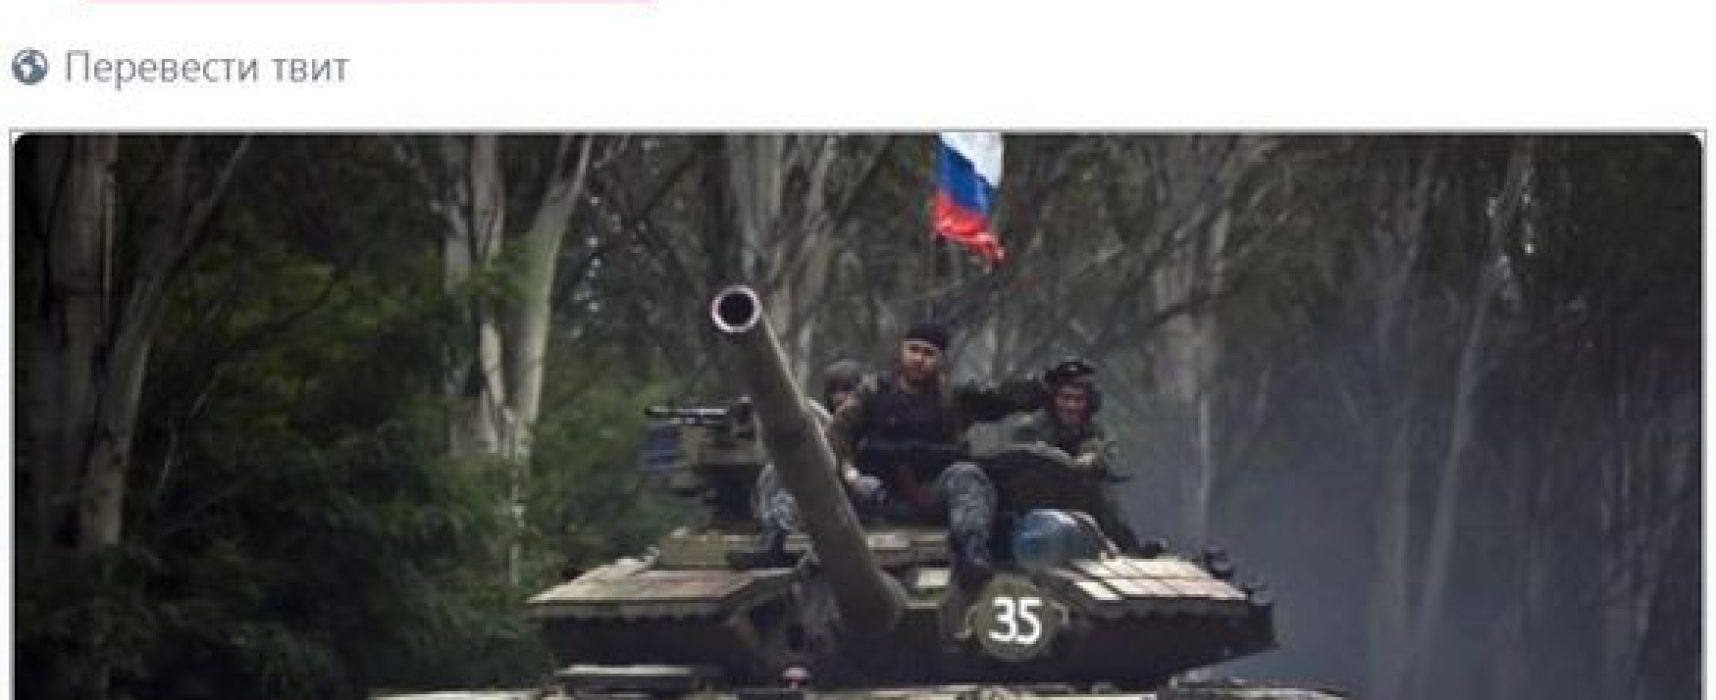 Deutsche Welle s'est excusé pour avoir utilisé le terme «guerre civile» à propos de l'Ukraine